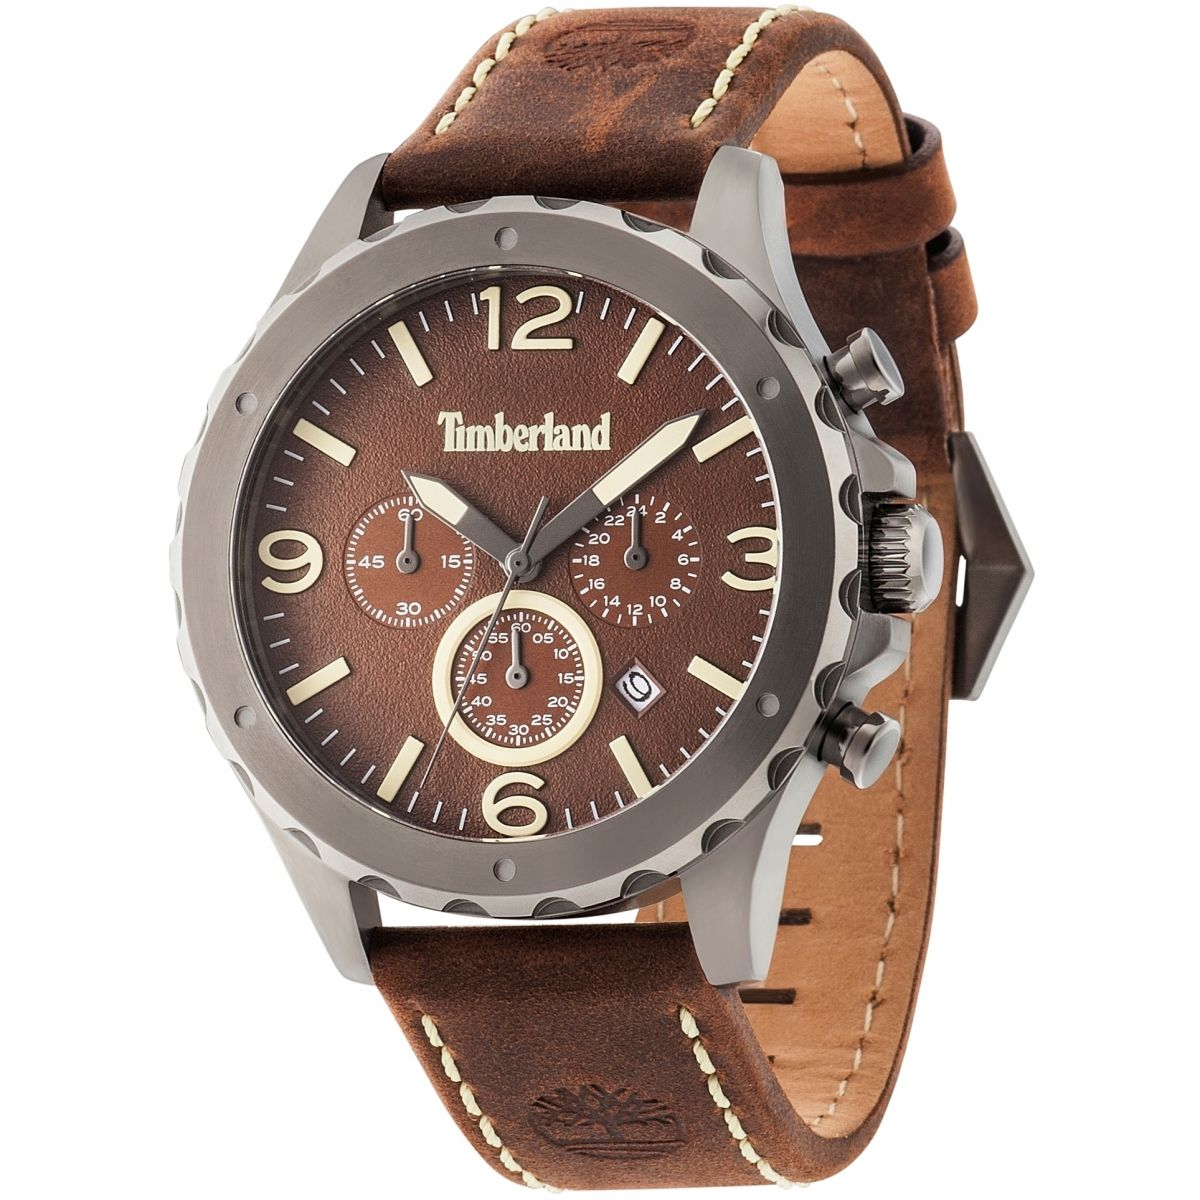 watch timberland